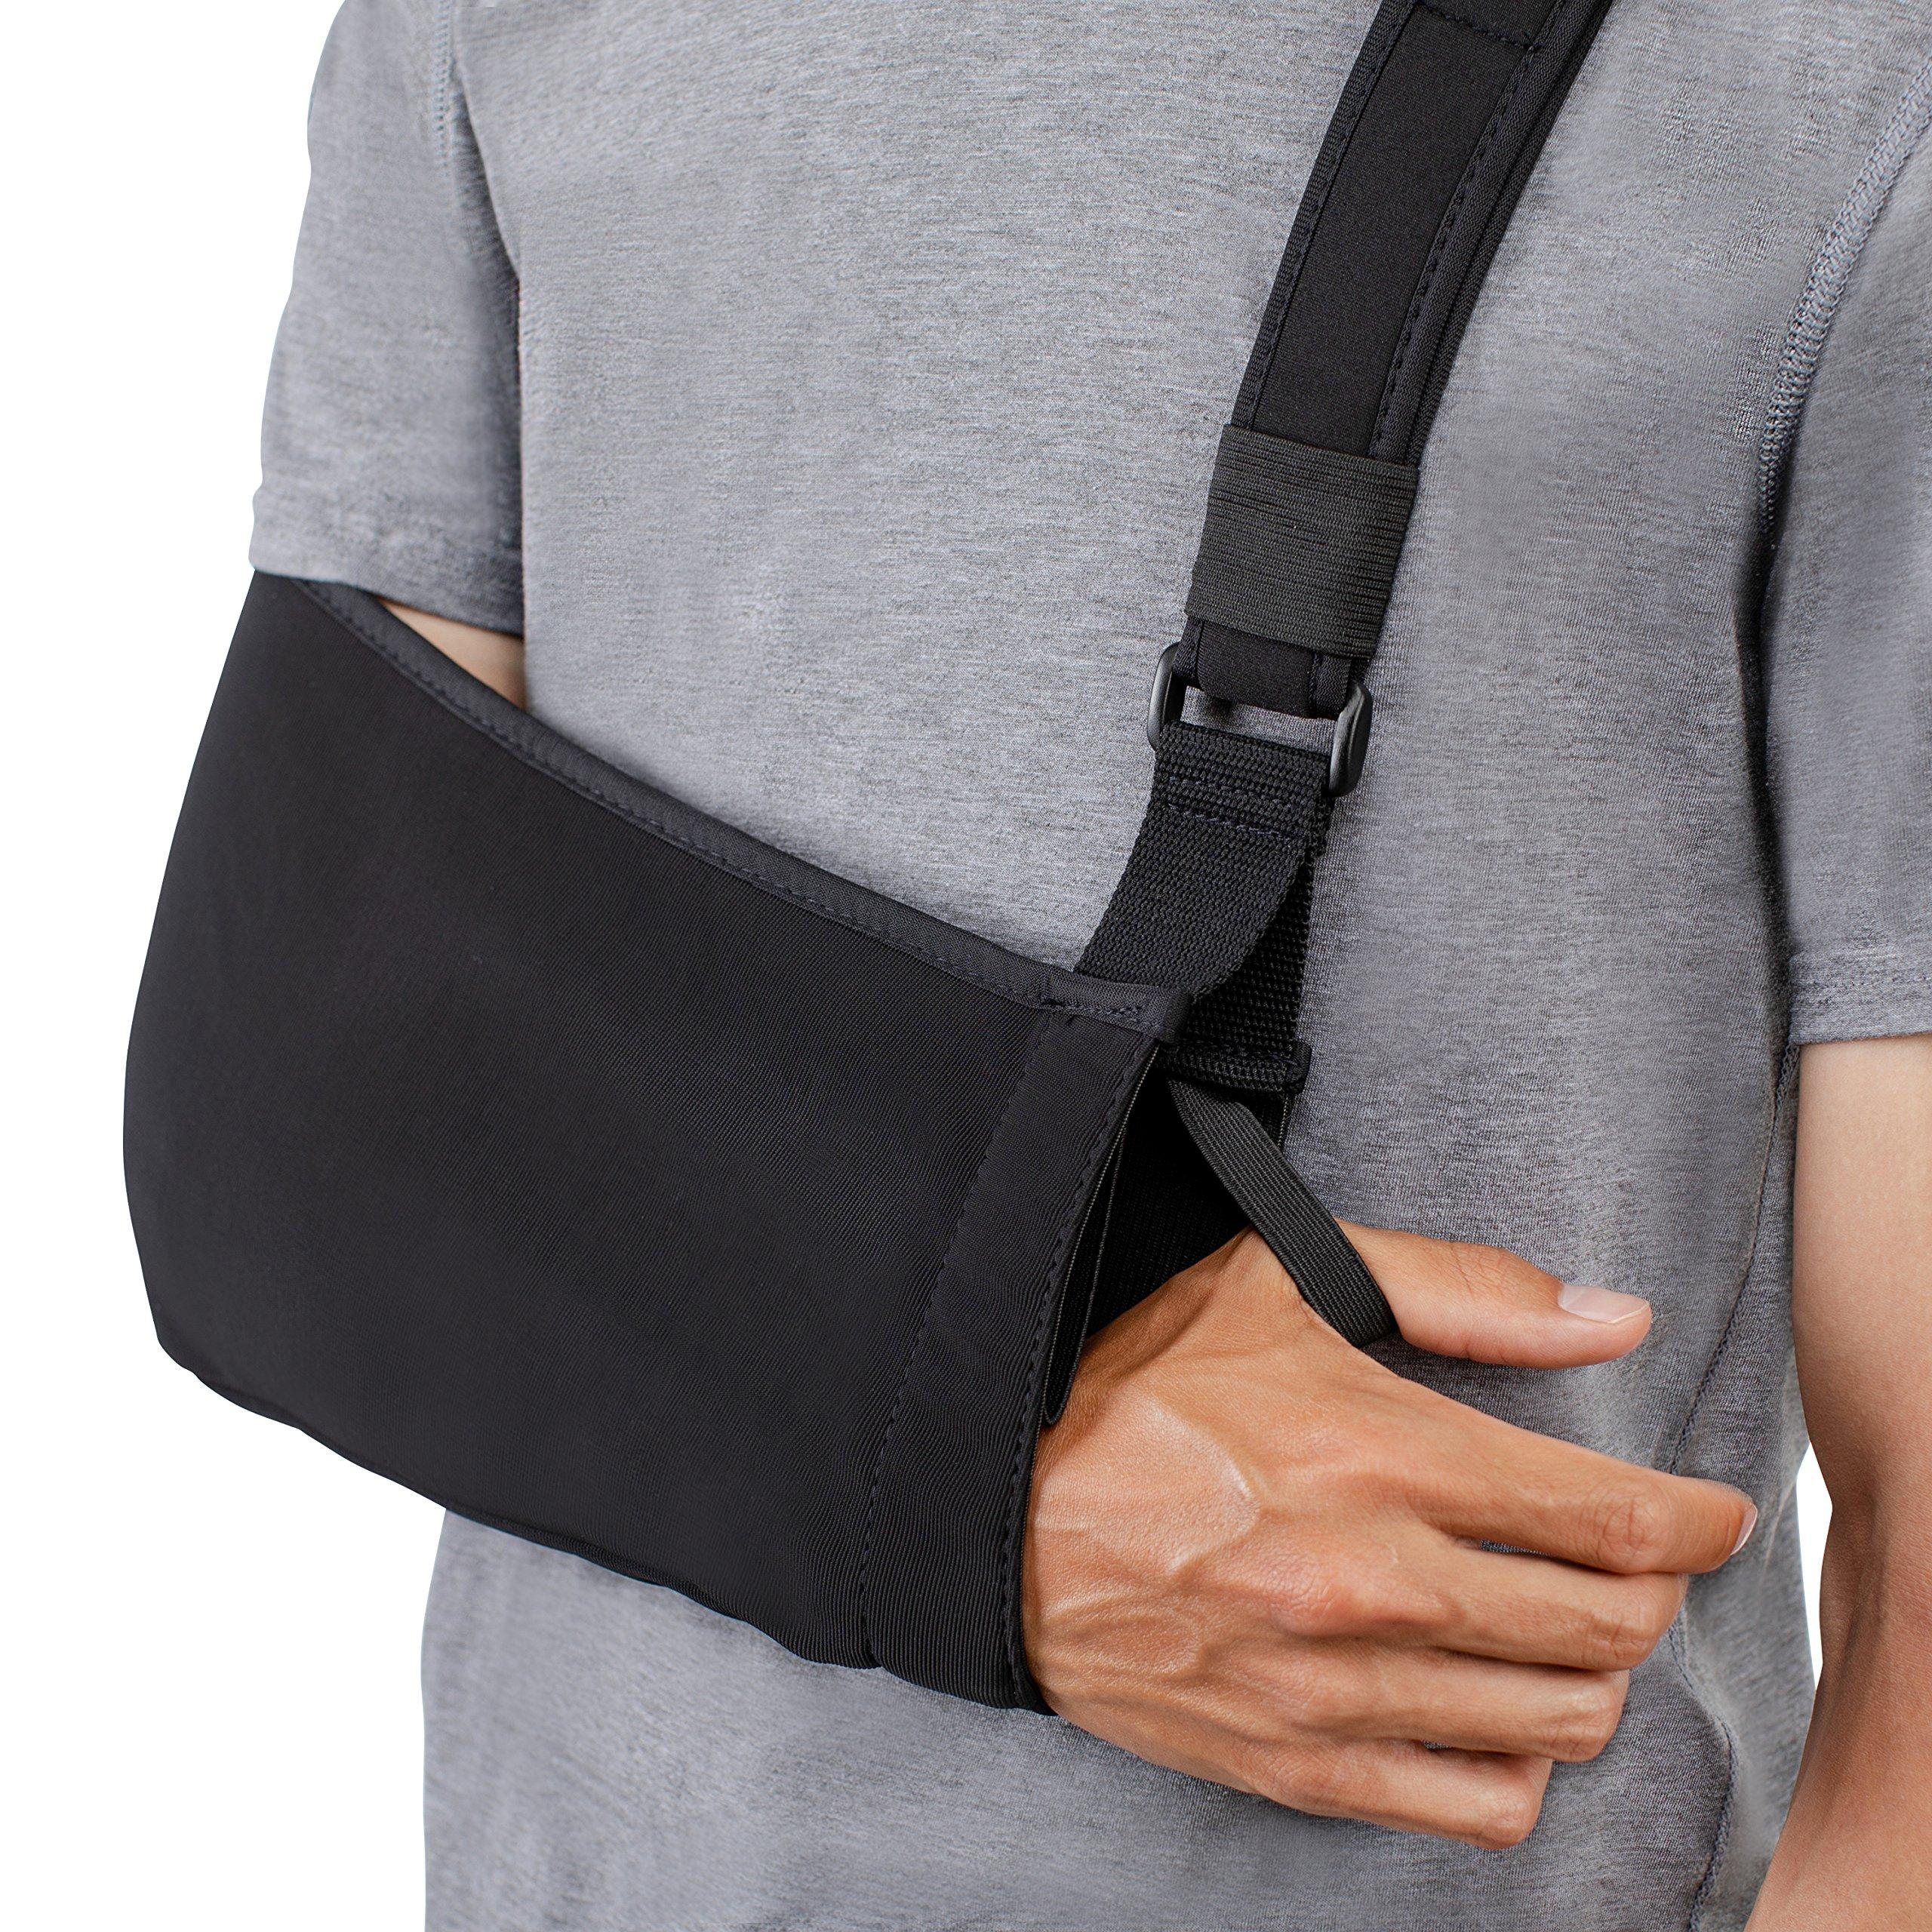 Think Ergo Arm Sling Sport - Lightweight, Breathable, Ergonomically Designed Medical Sling for Broken & Fractured Bones - Adjustable Arm, Shoulder & Rotator Cuff Support (Adult) by Think Ergo (Image #9)